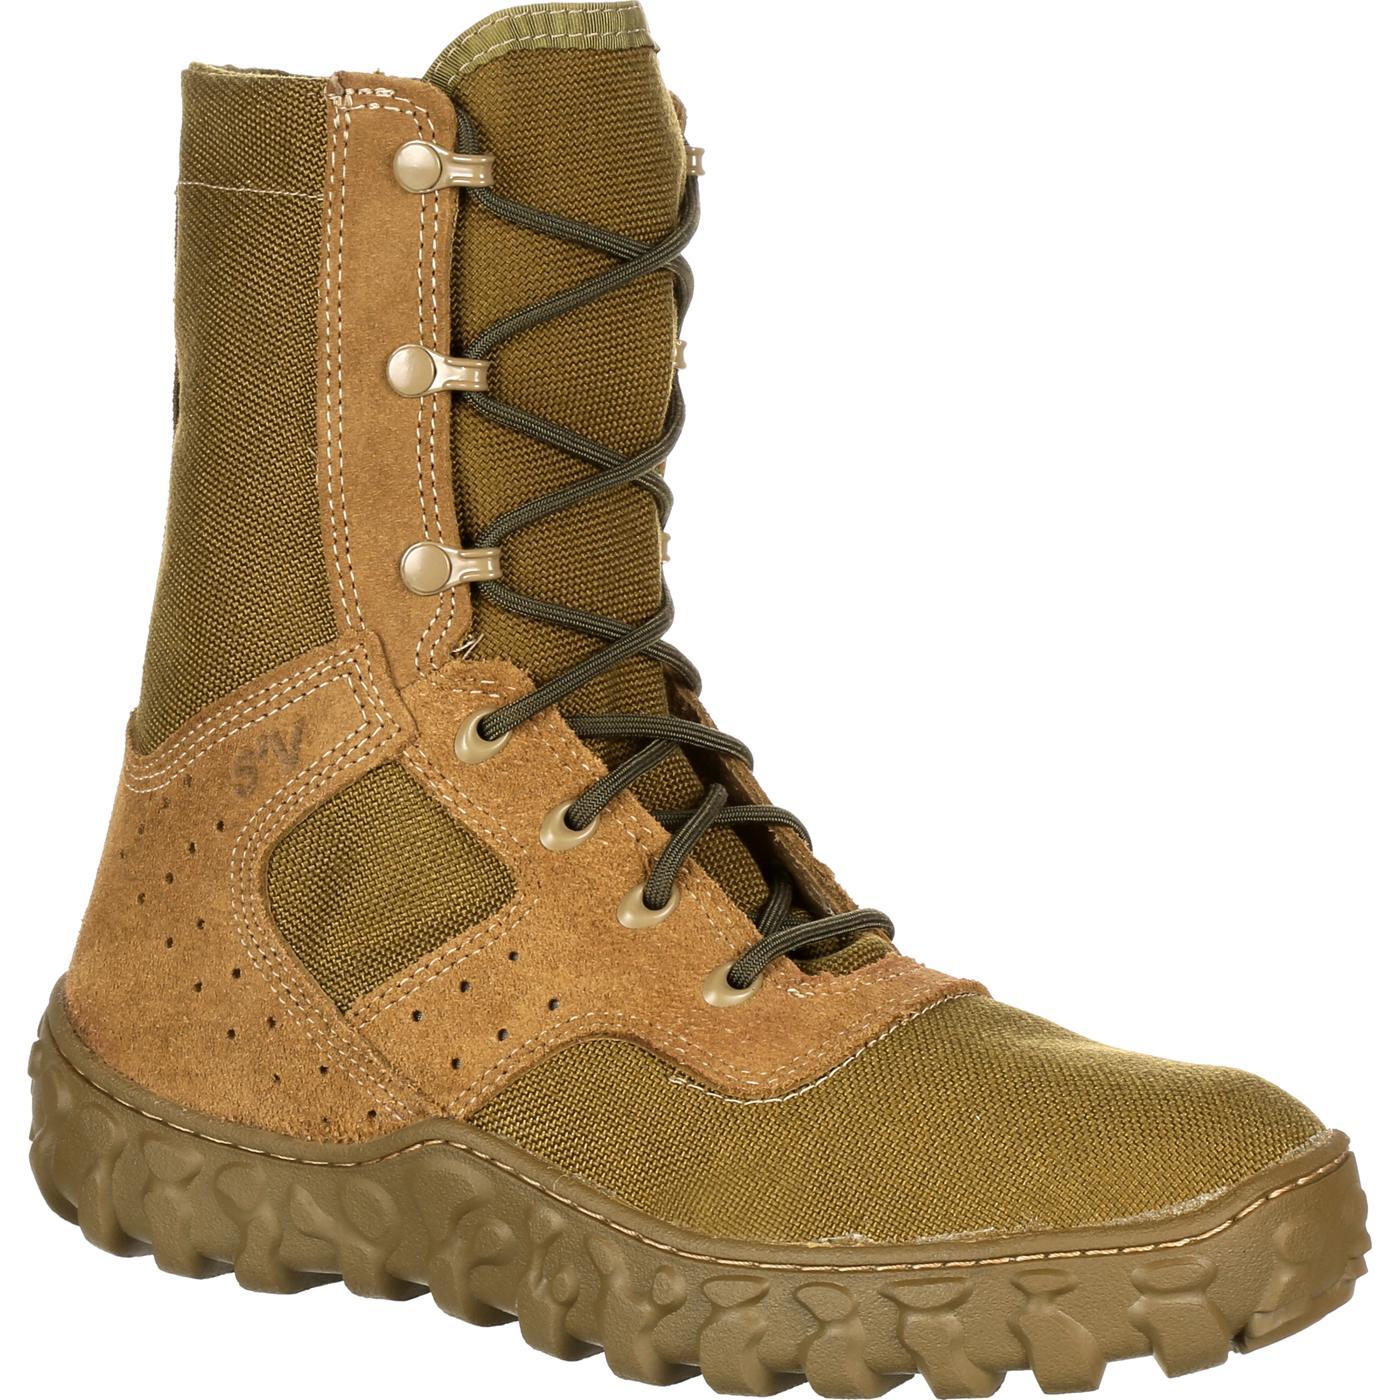 Men s Military Jungle Boots b7d07d94e185